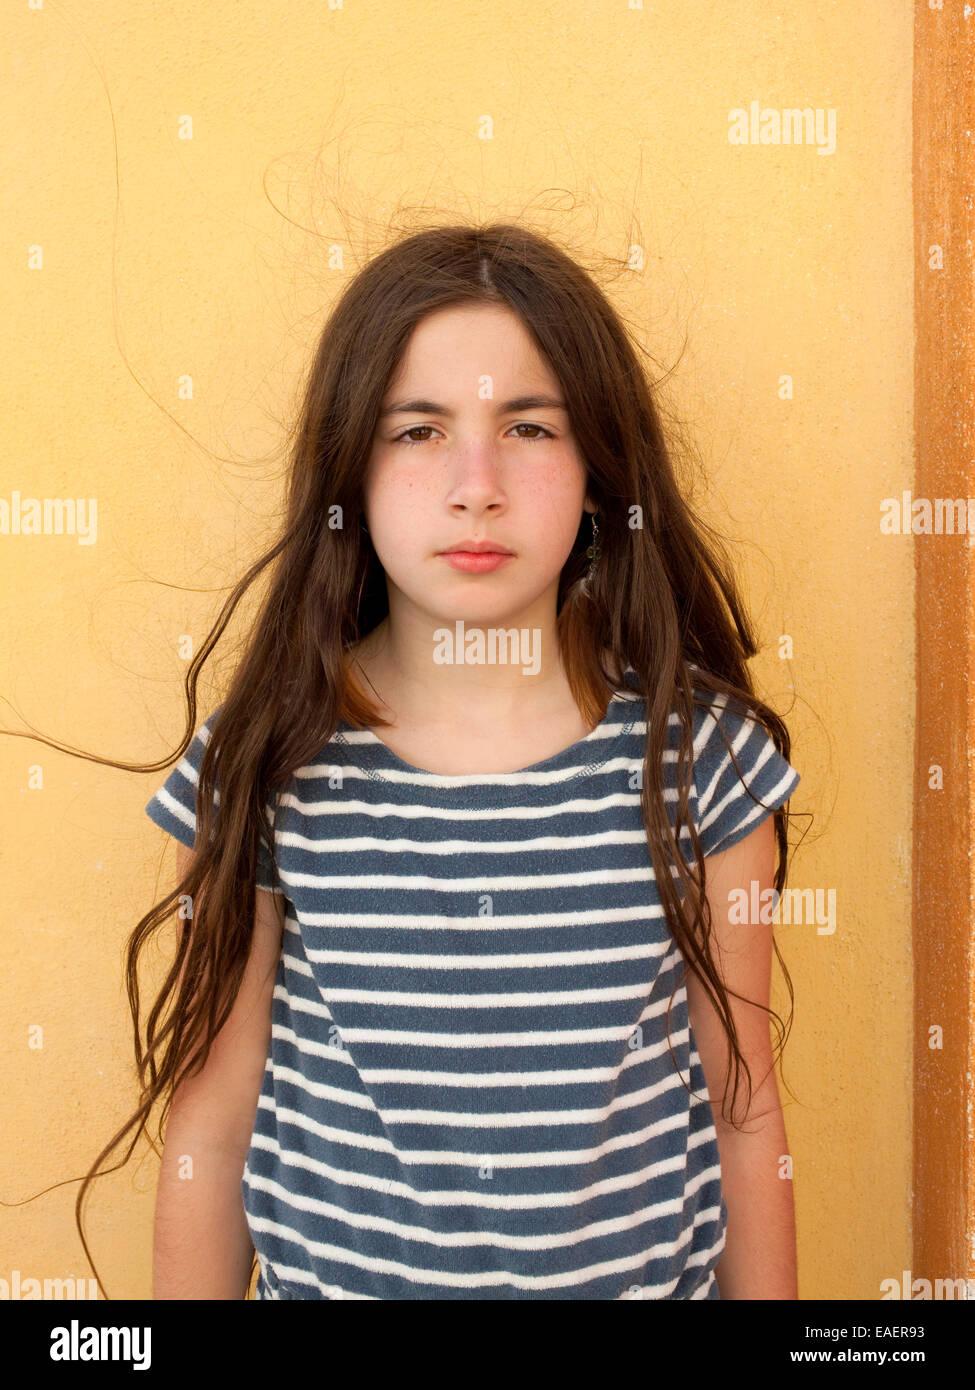 Ragazza giovane con espressione seria e capelli crespi Immagini Stock